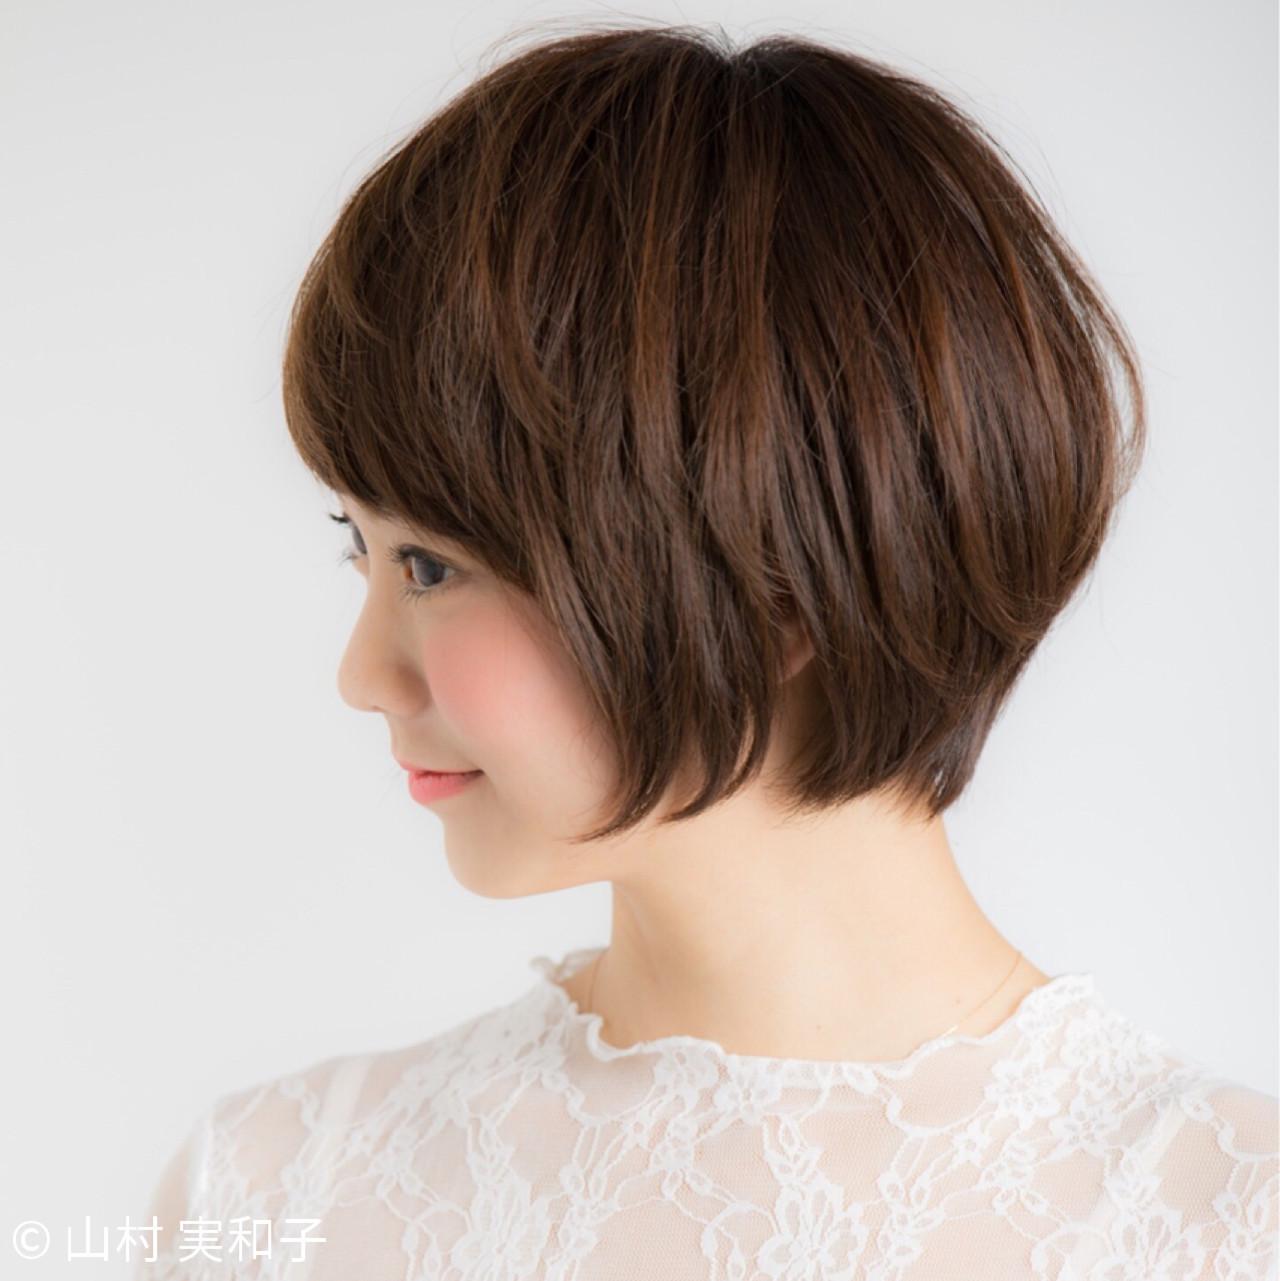 ミセス世代の髪型におすすめ!トレンドをしっかりおさえた大人仕様のスタイル 山村 実和子